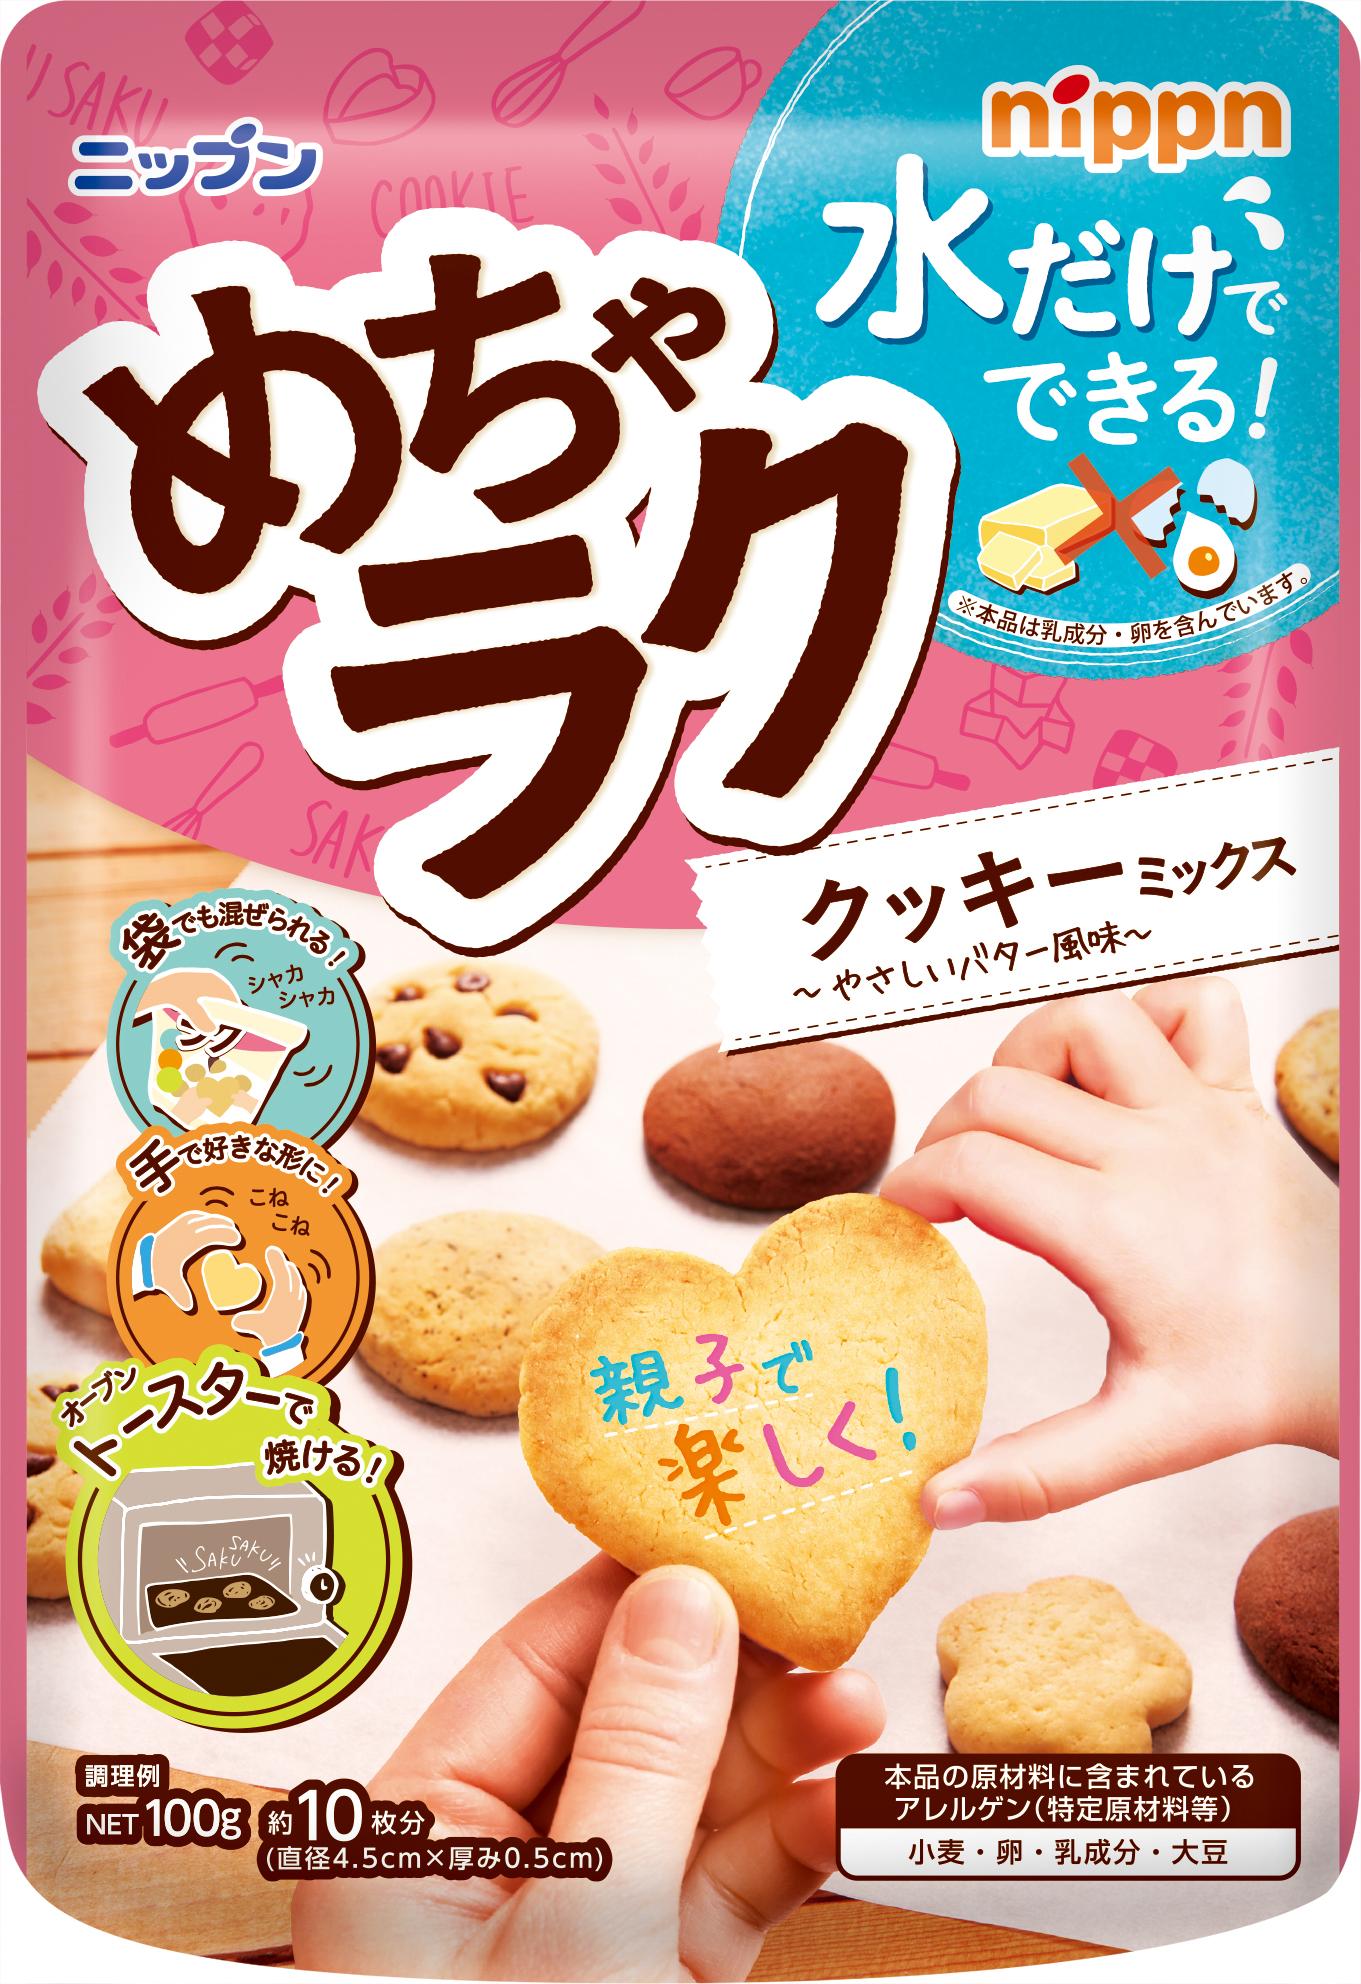 【これぞ本気の知育菓子!】ニップン めちゃラク クッキーミックス